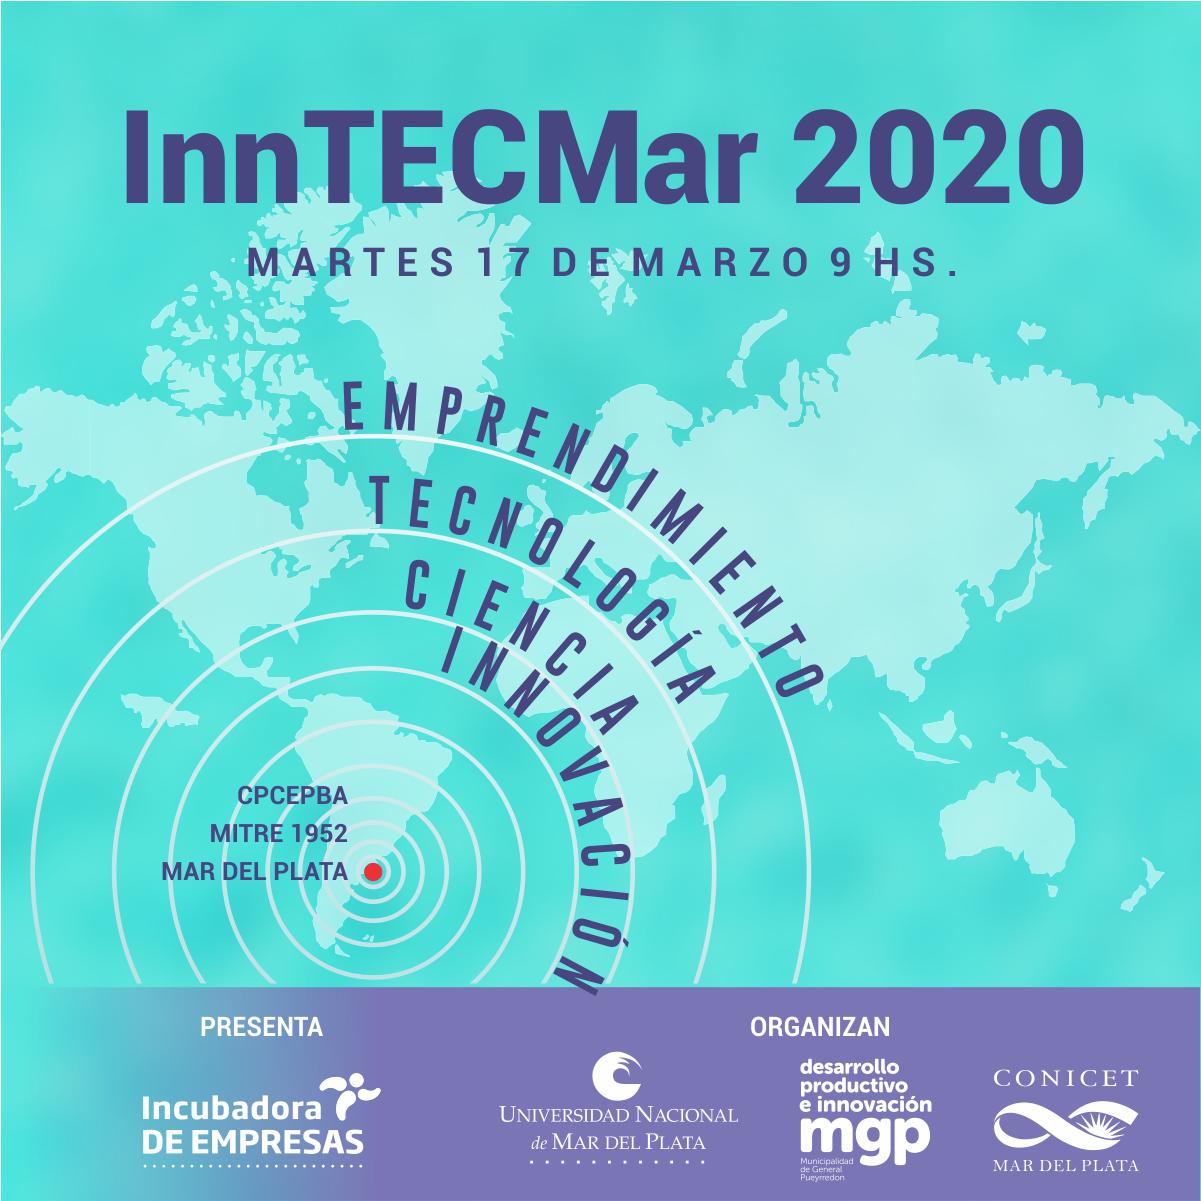 Se suspendió la Primera edición de InnTECMar 2020